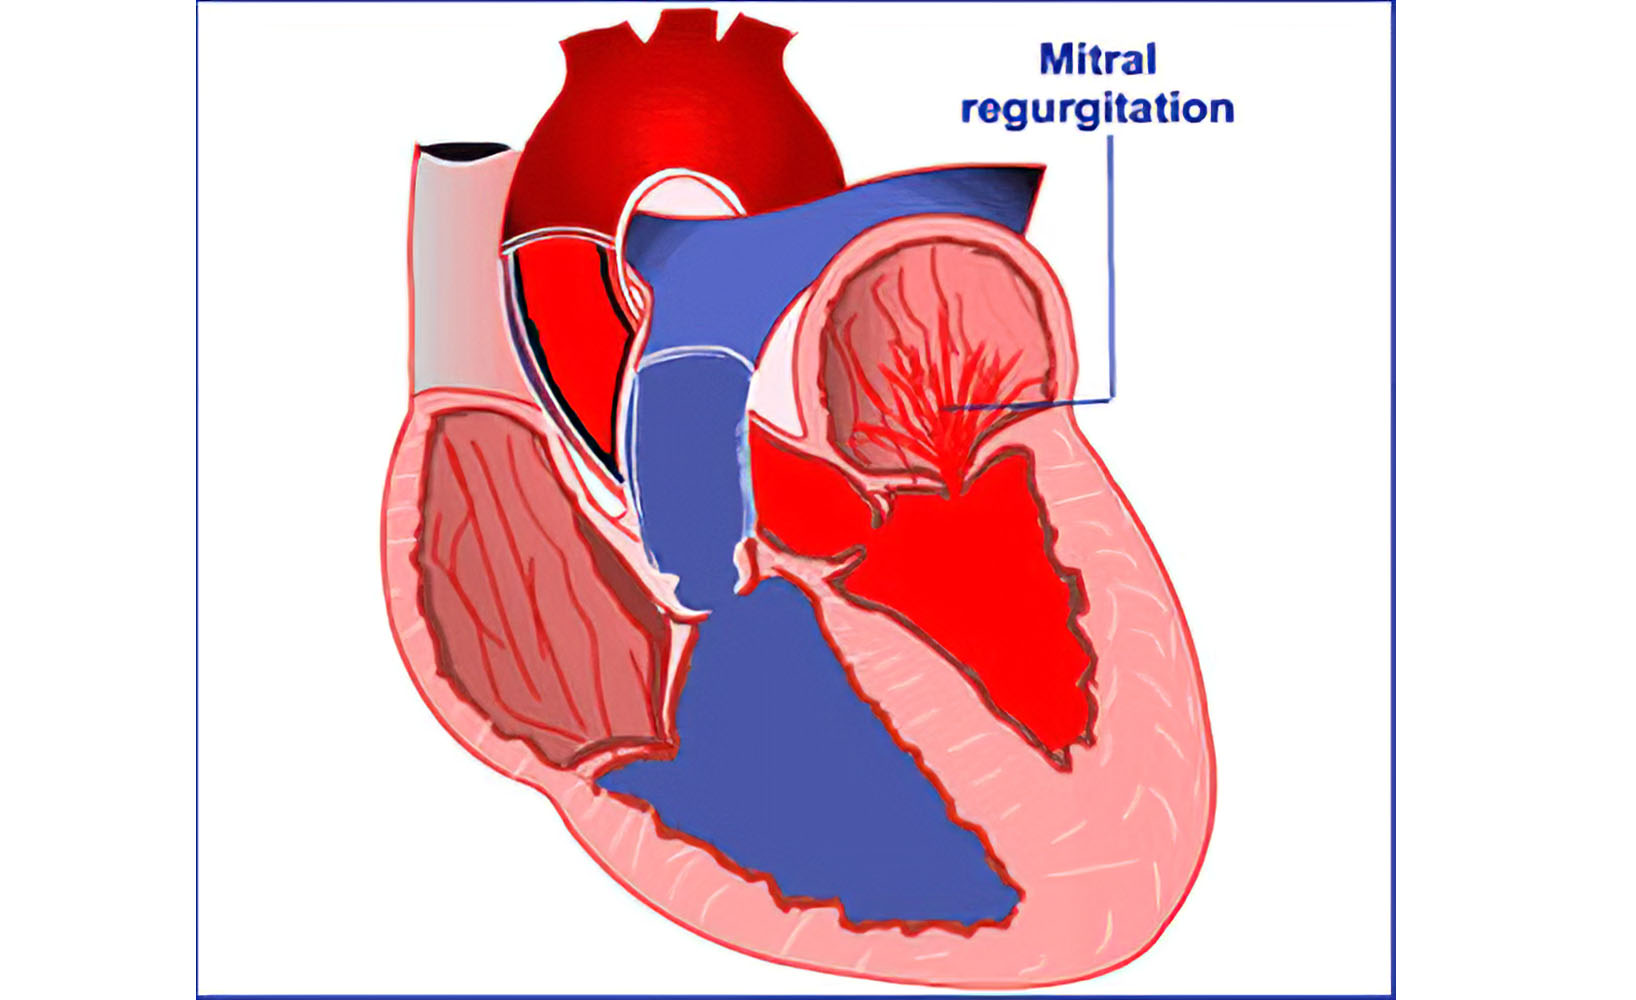 نارسایی دریچه میترال قلب : پاسخ سوالات شما اینجاست!